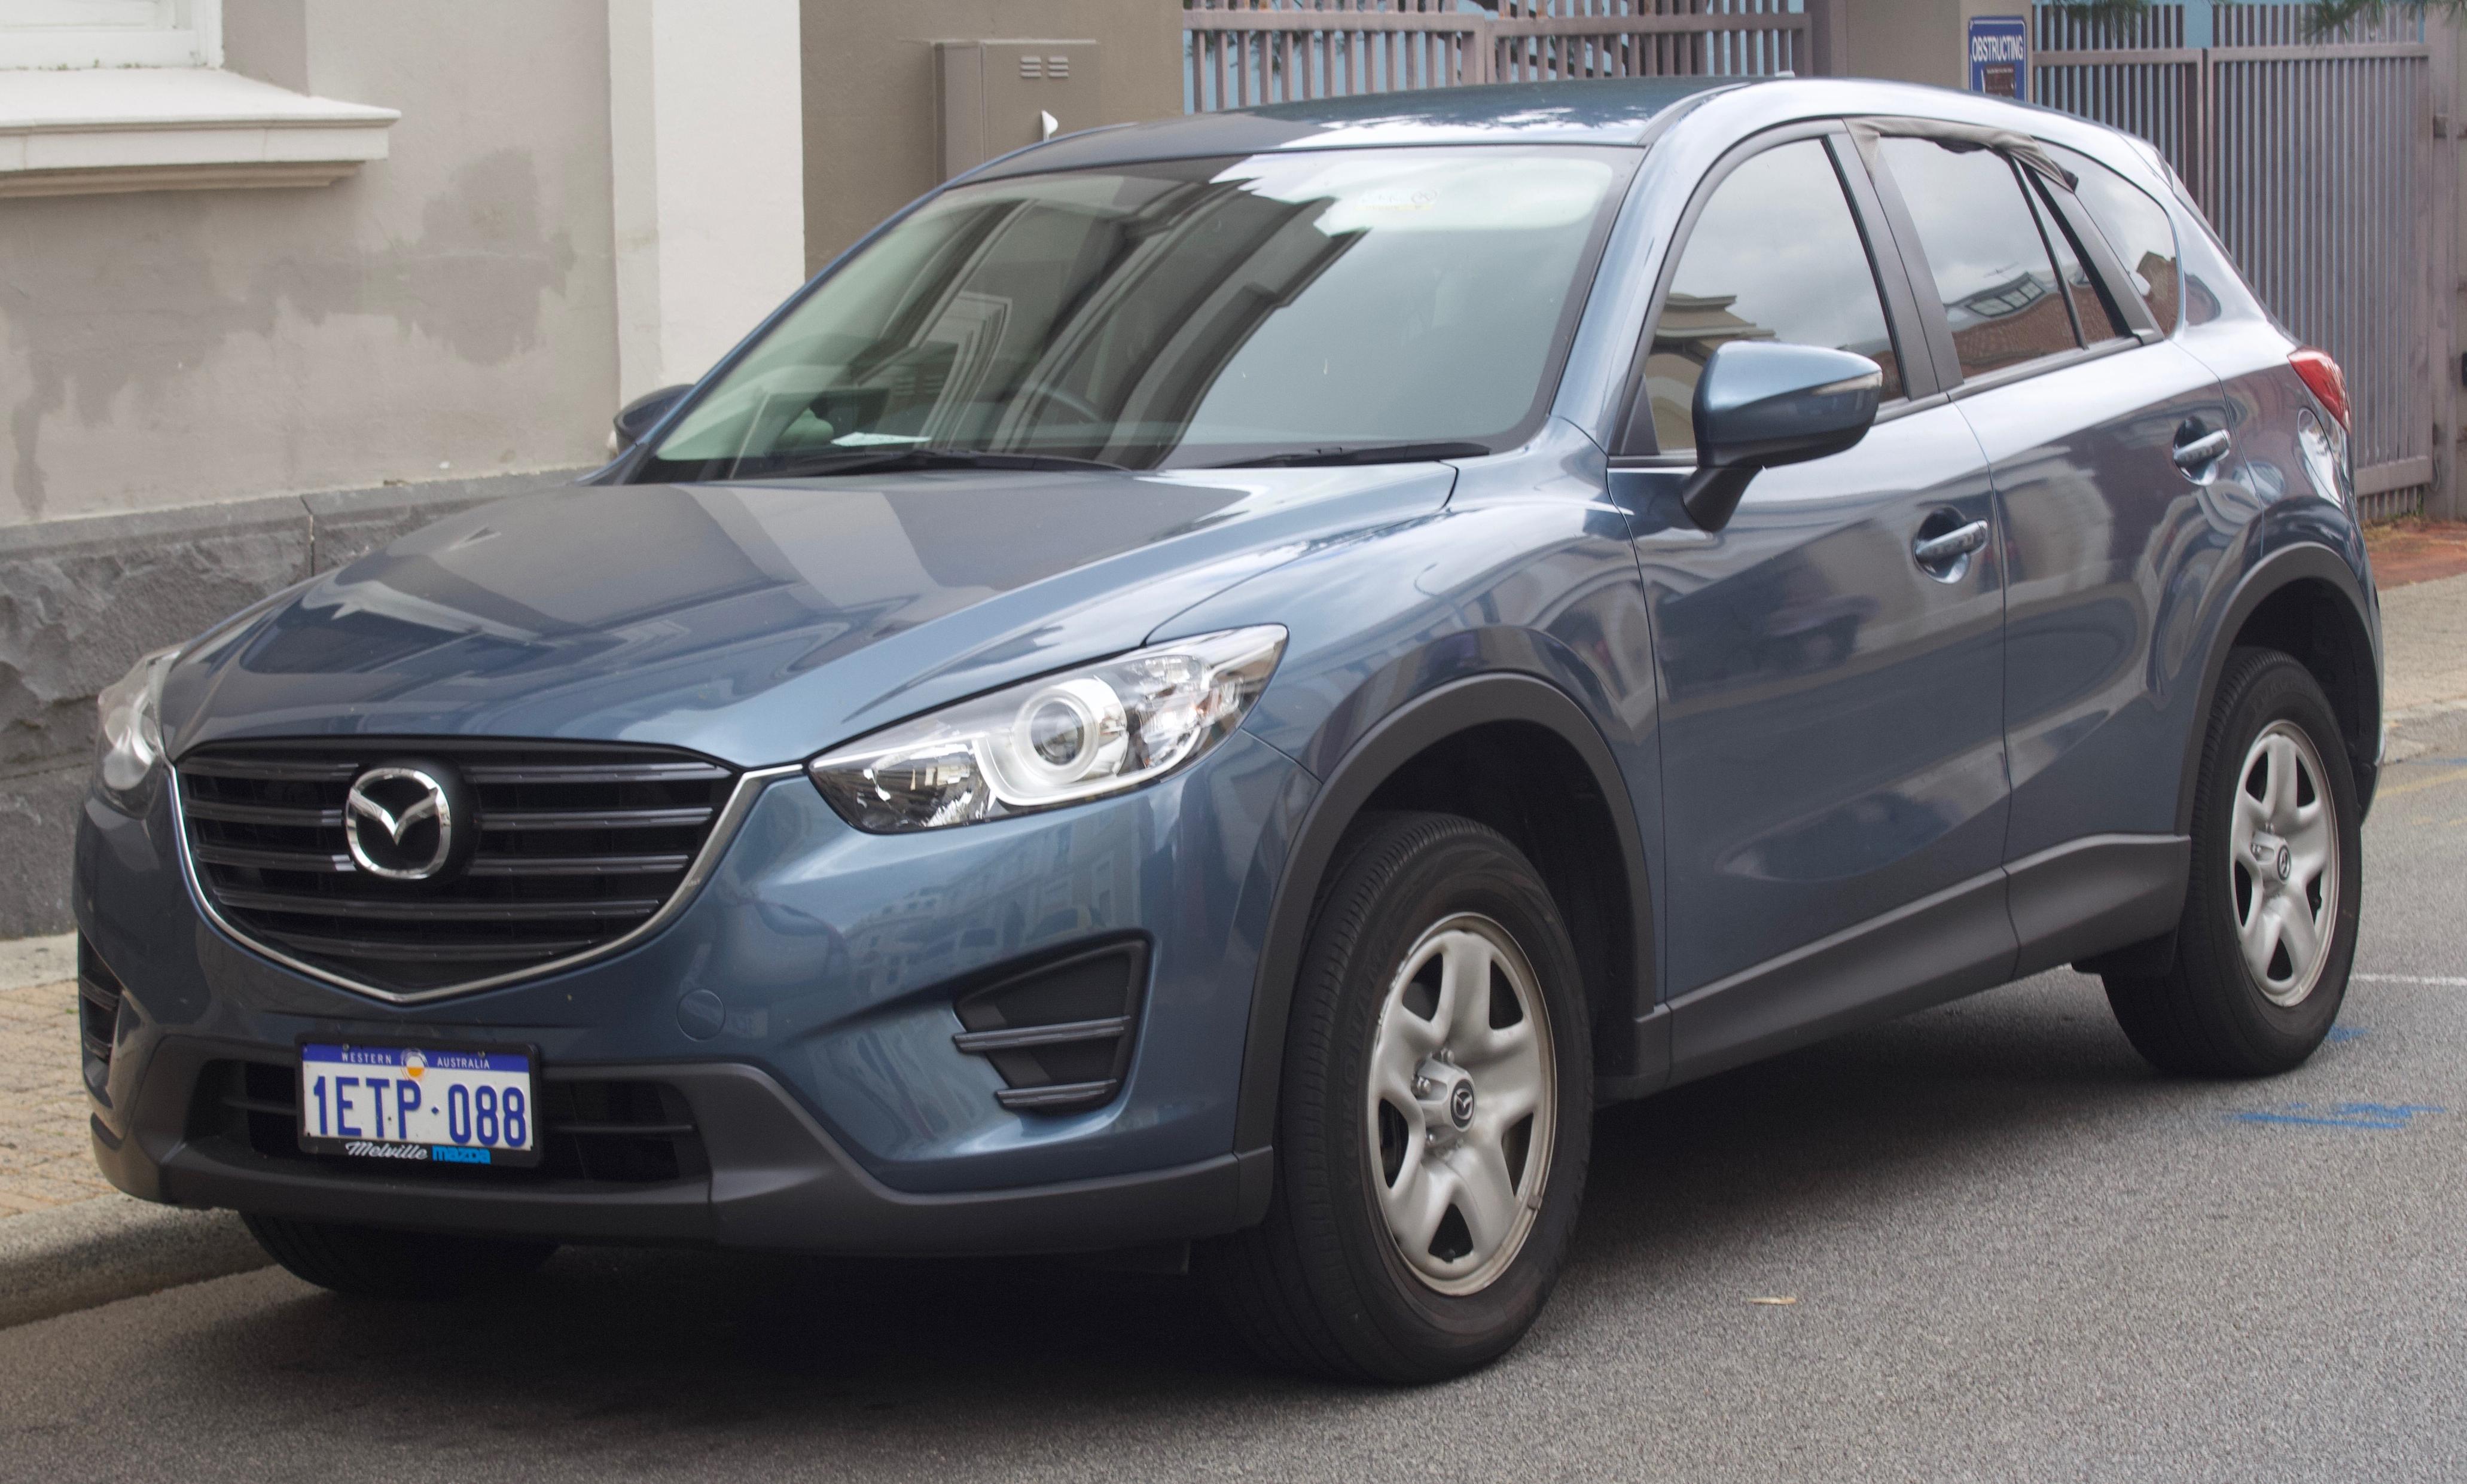 Image result for Mazda CX-5